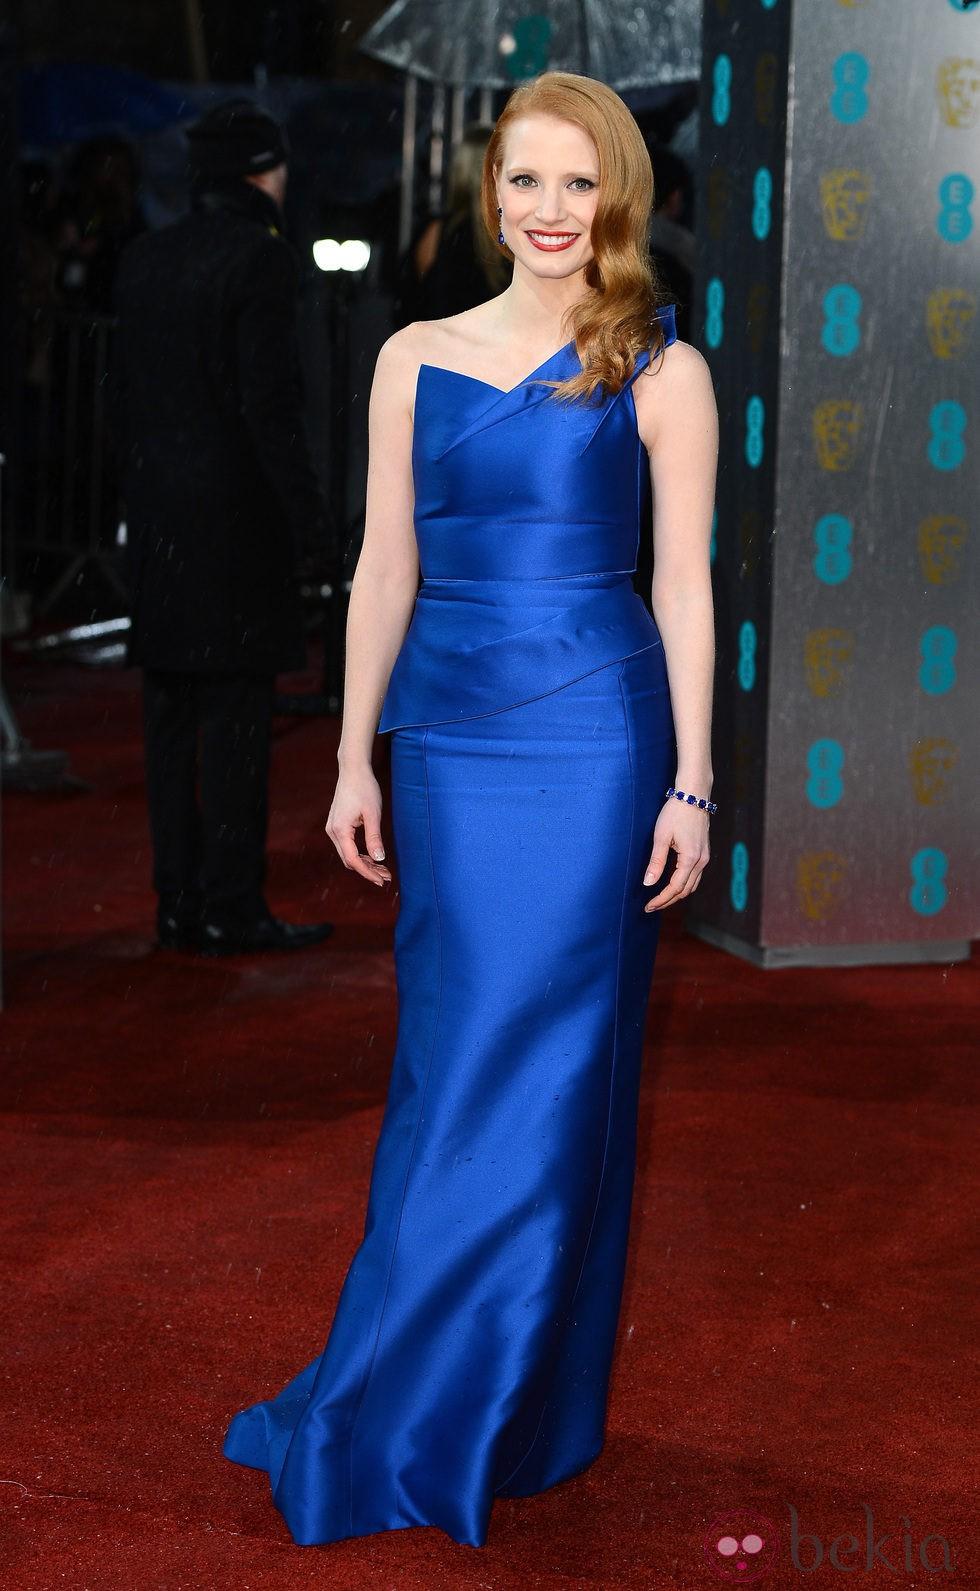 Jessica Chastain en la alfombra roja de los BAFTA 2013